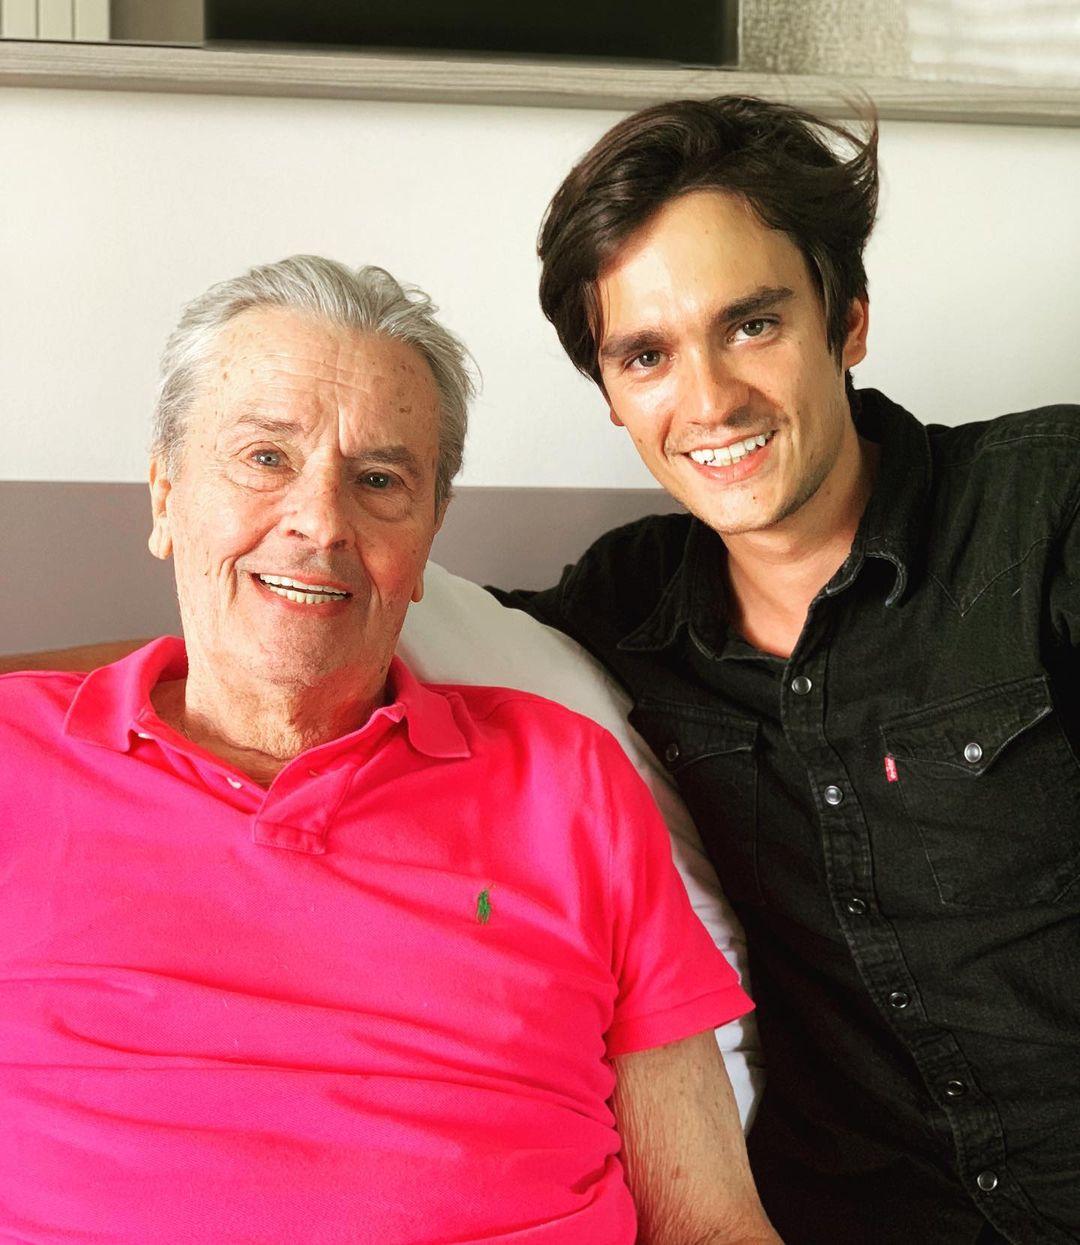 Ален Делон с сыном Аланом Фабиеном Делоном (Фото: @alainfabiendelon)